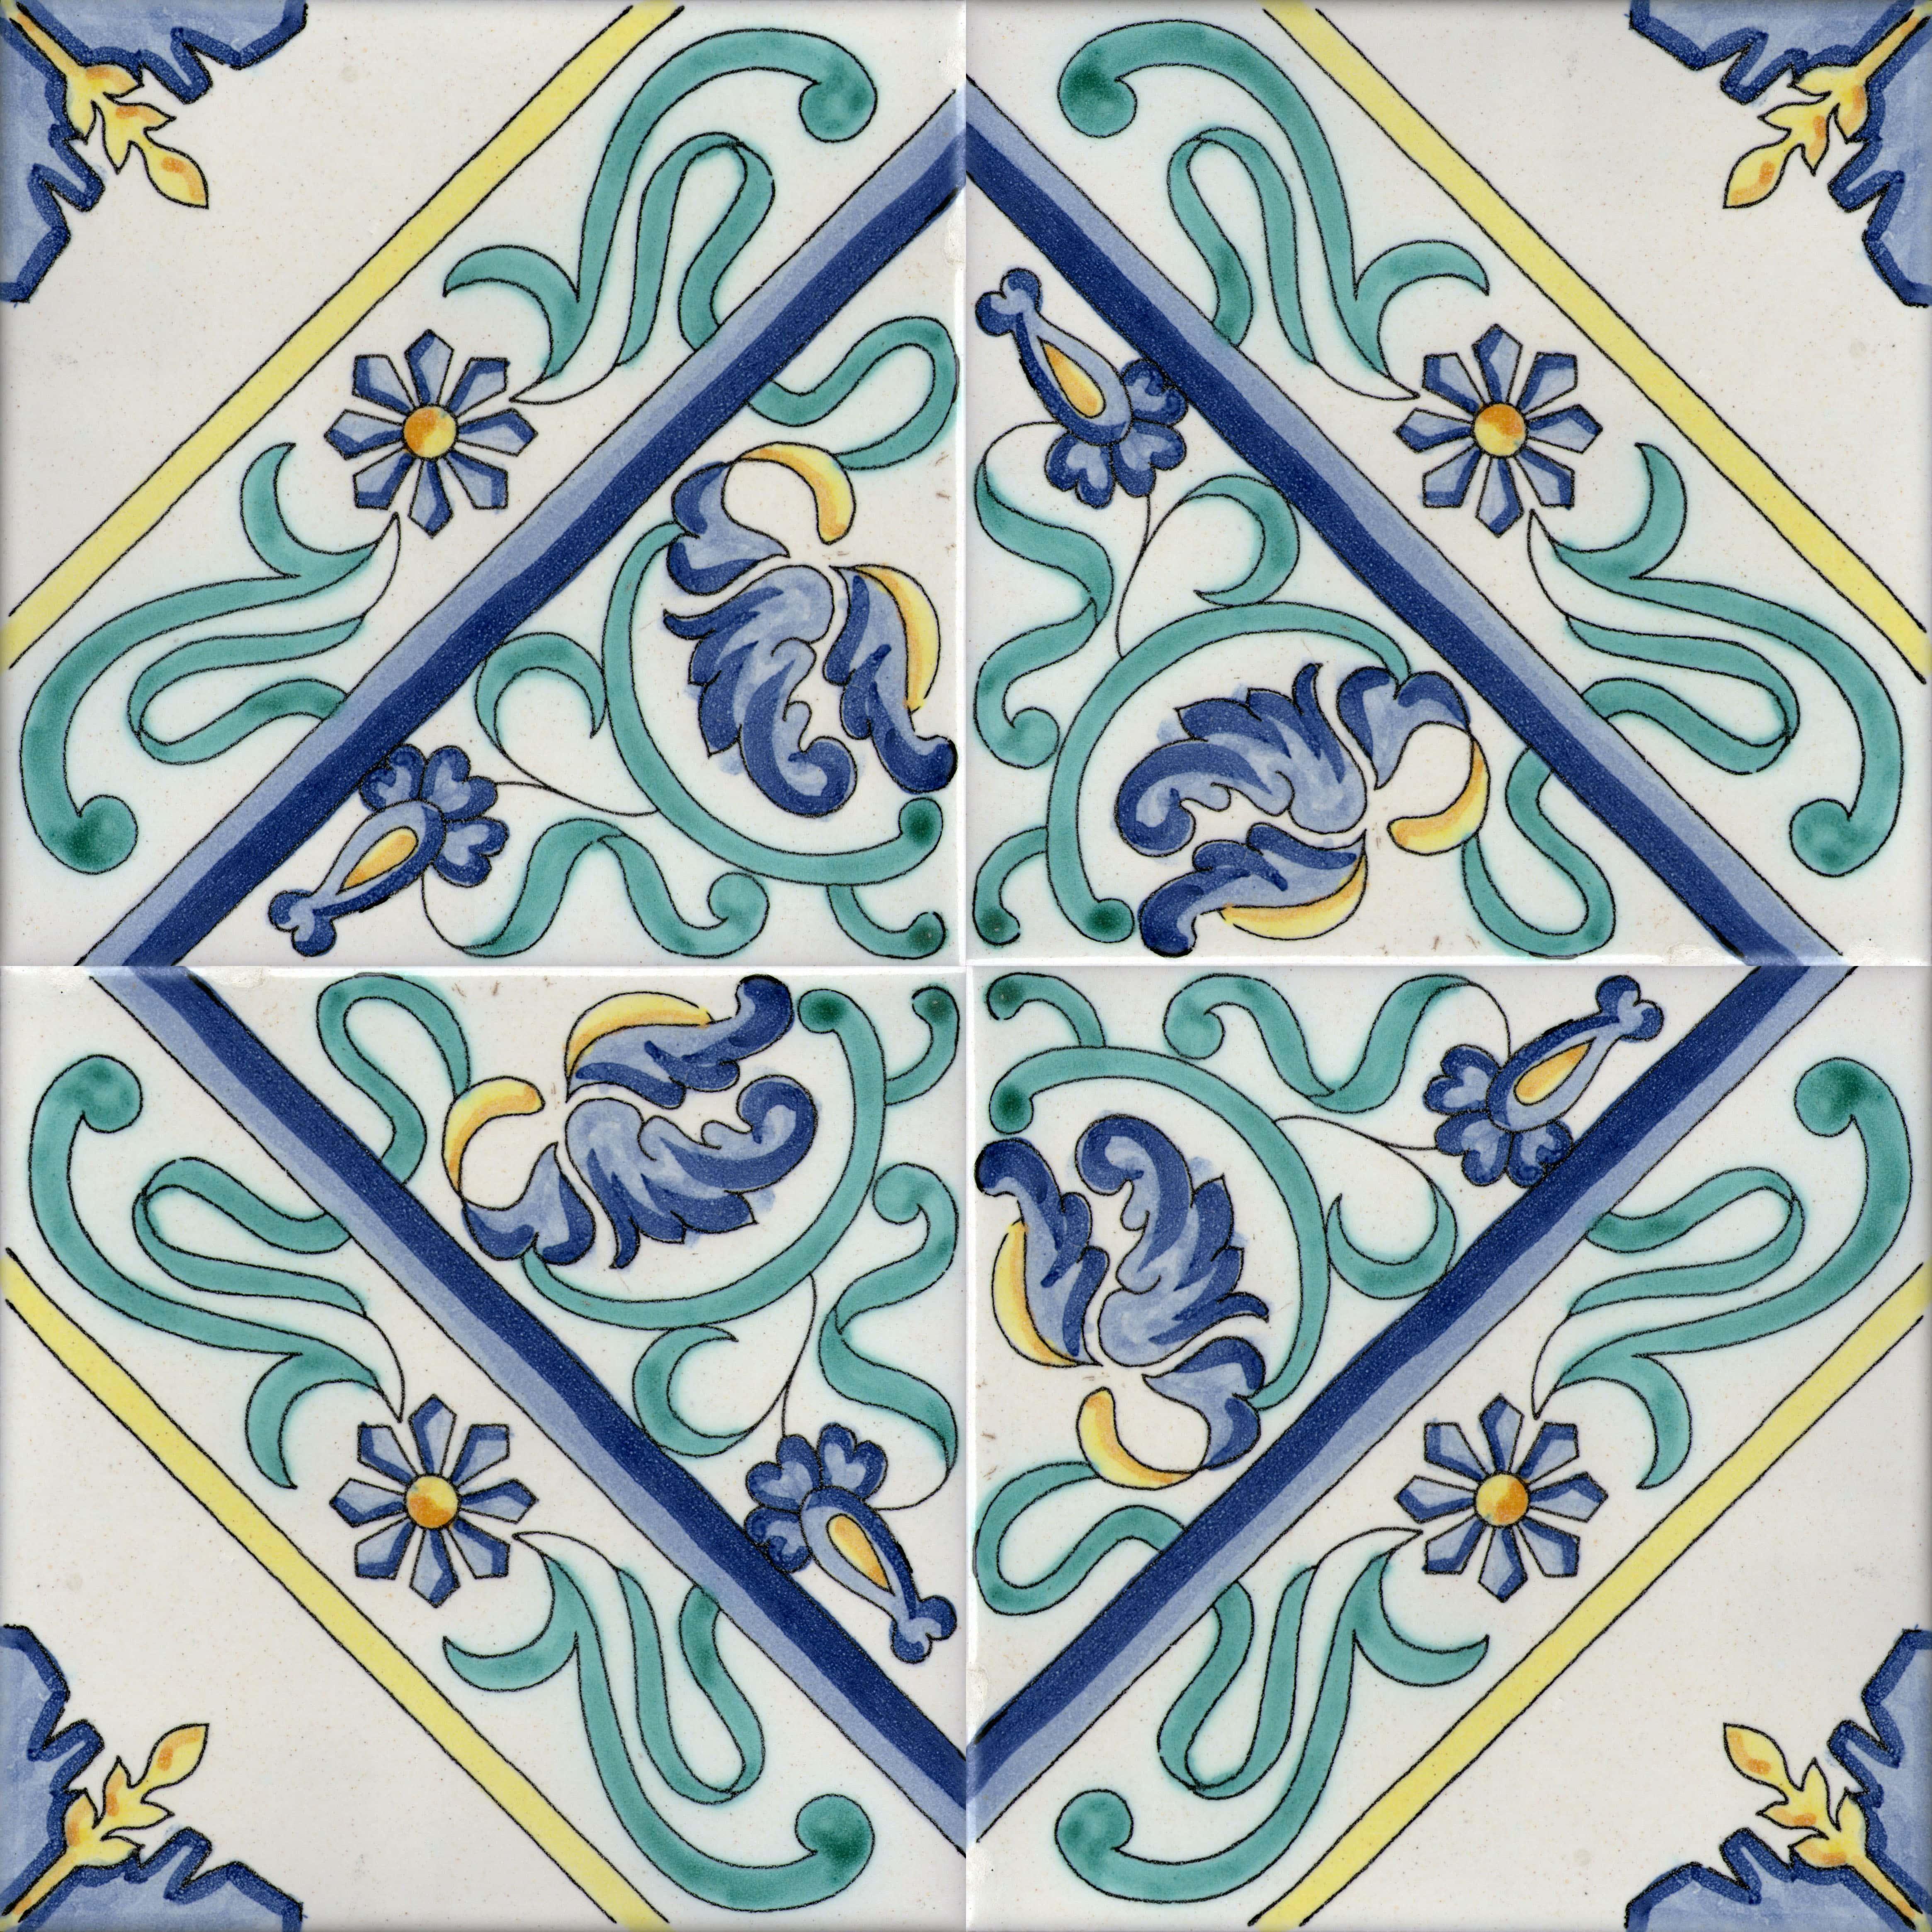 Piastrelle con decoro Raito in ceramica di Vietri > SolimeneArt